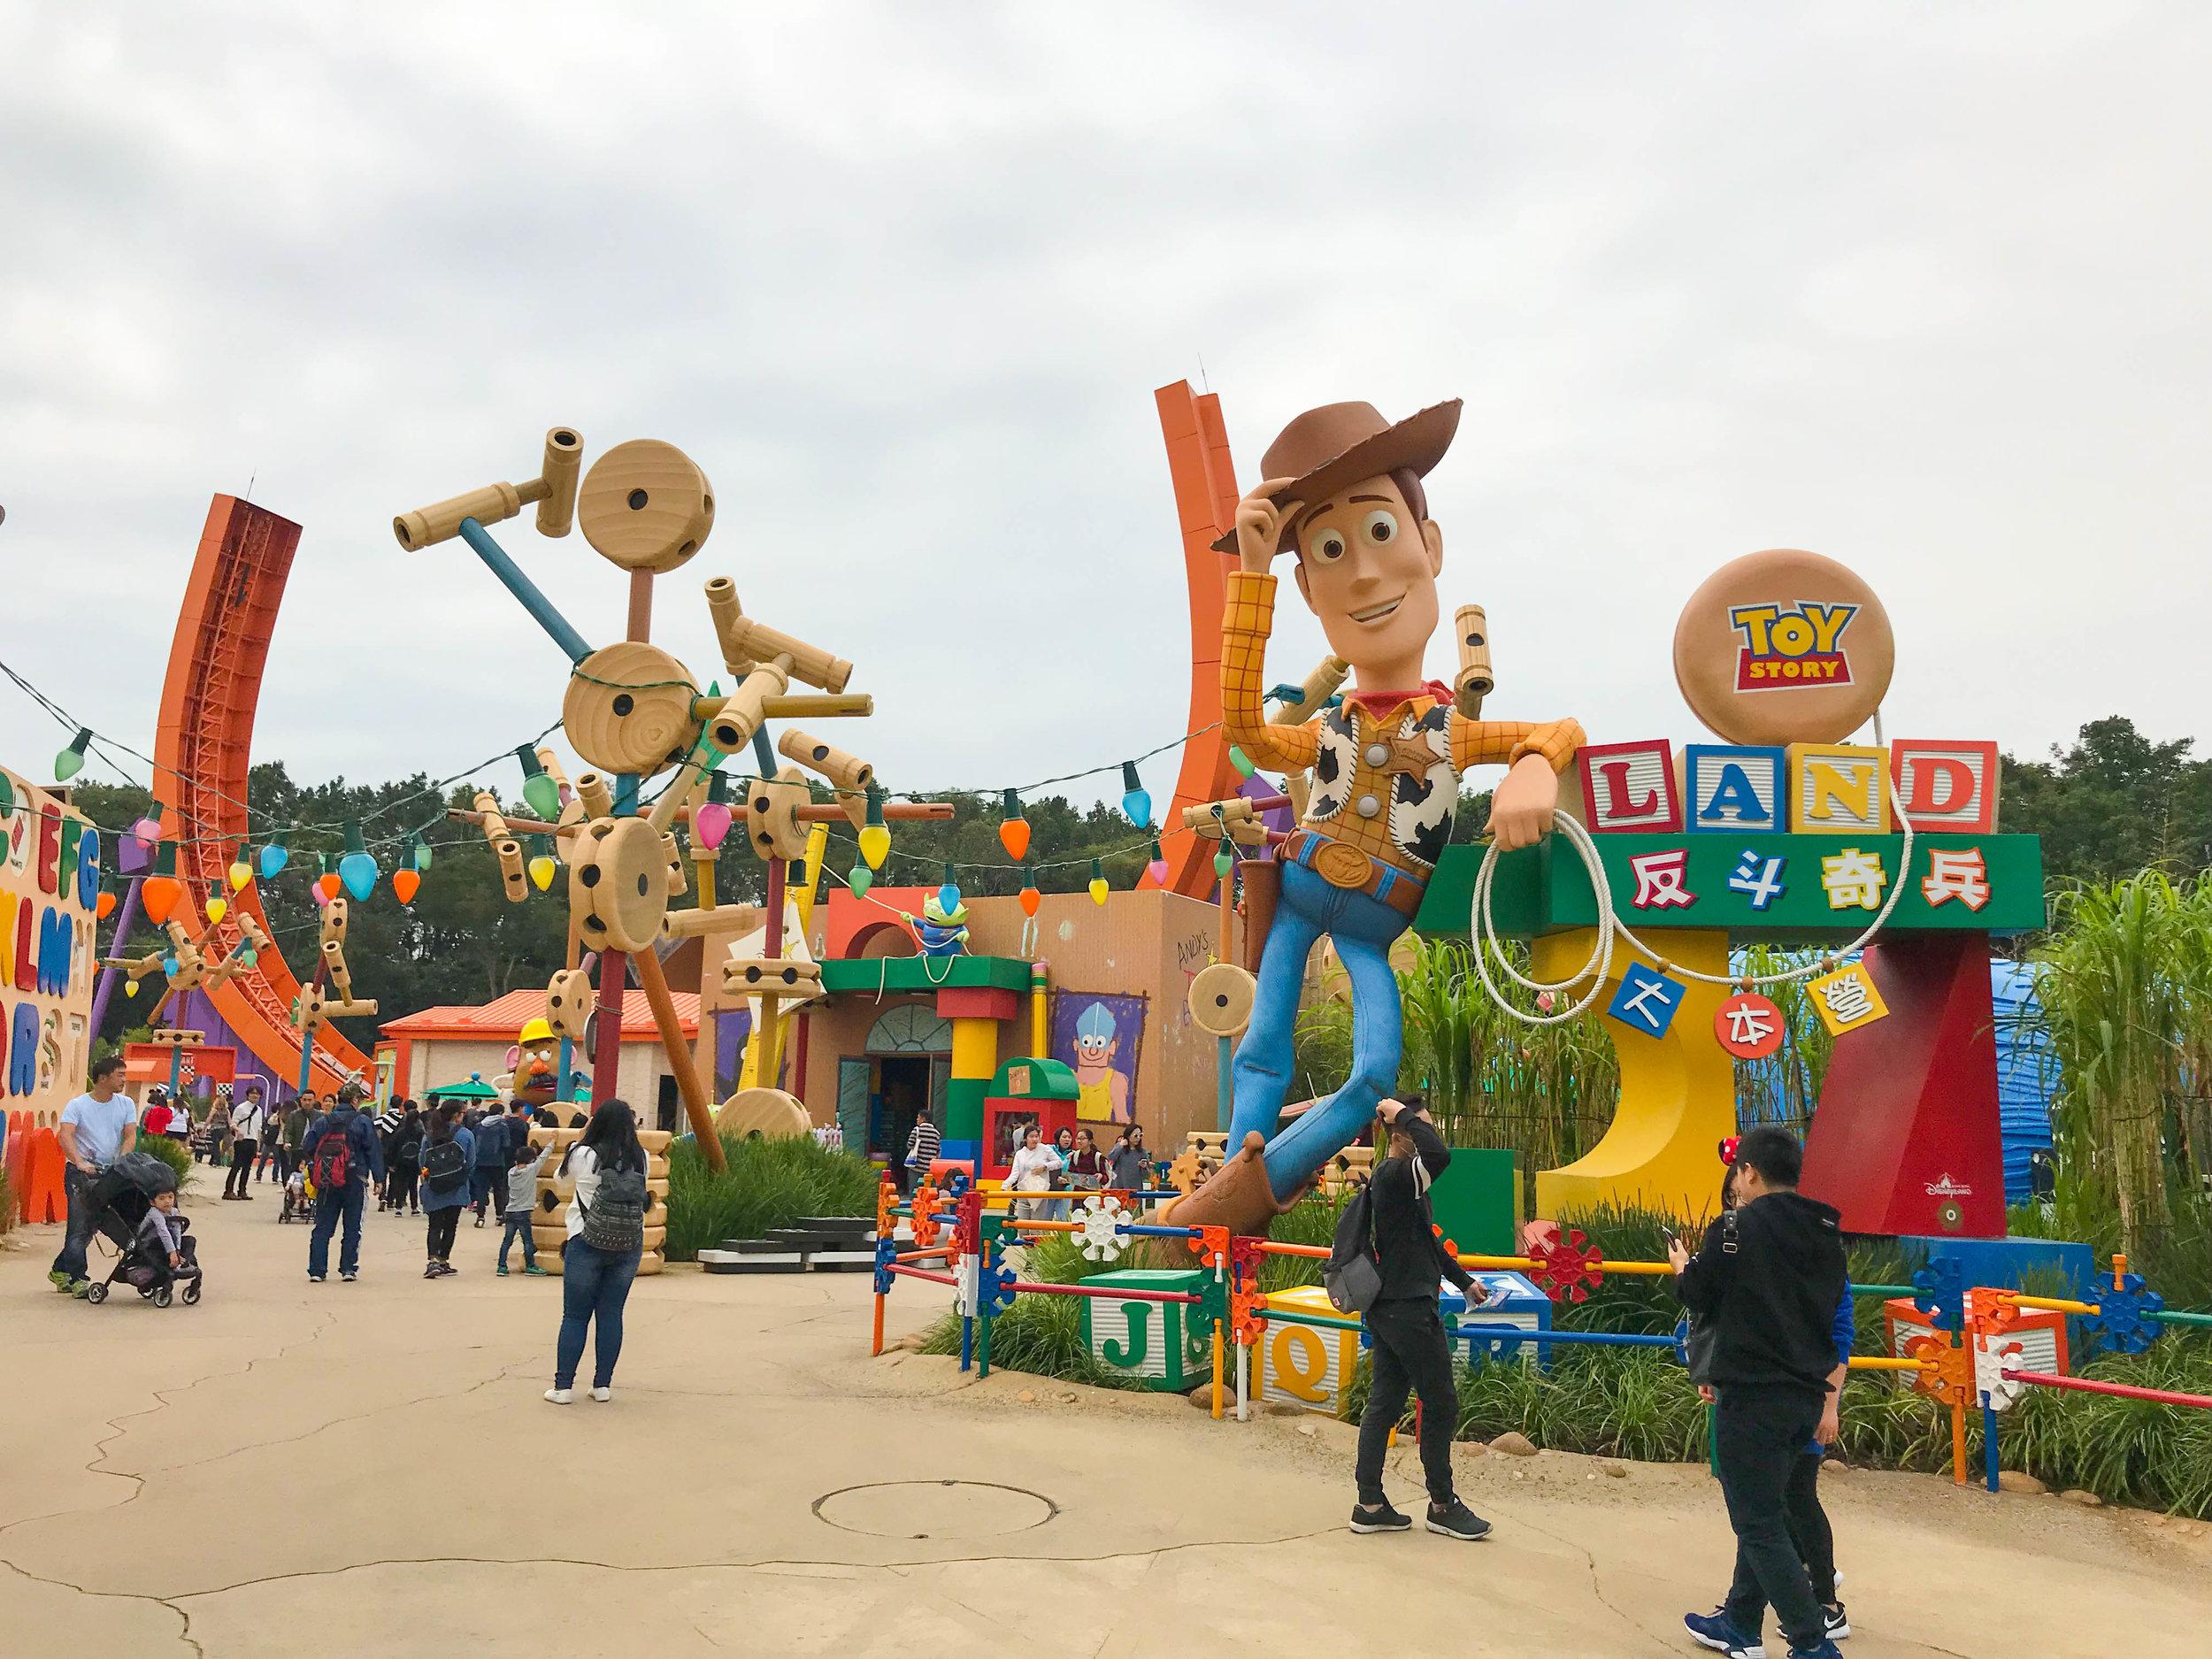 Hong-Kong-Disneyland-Toy-Story-land.jpg